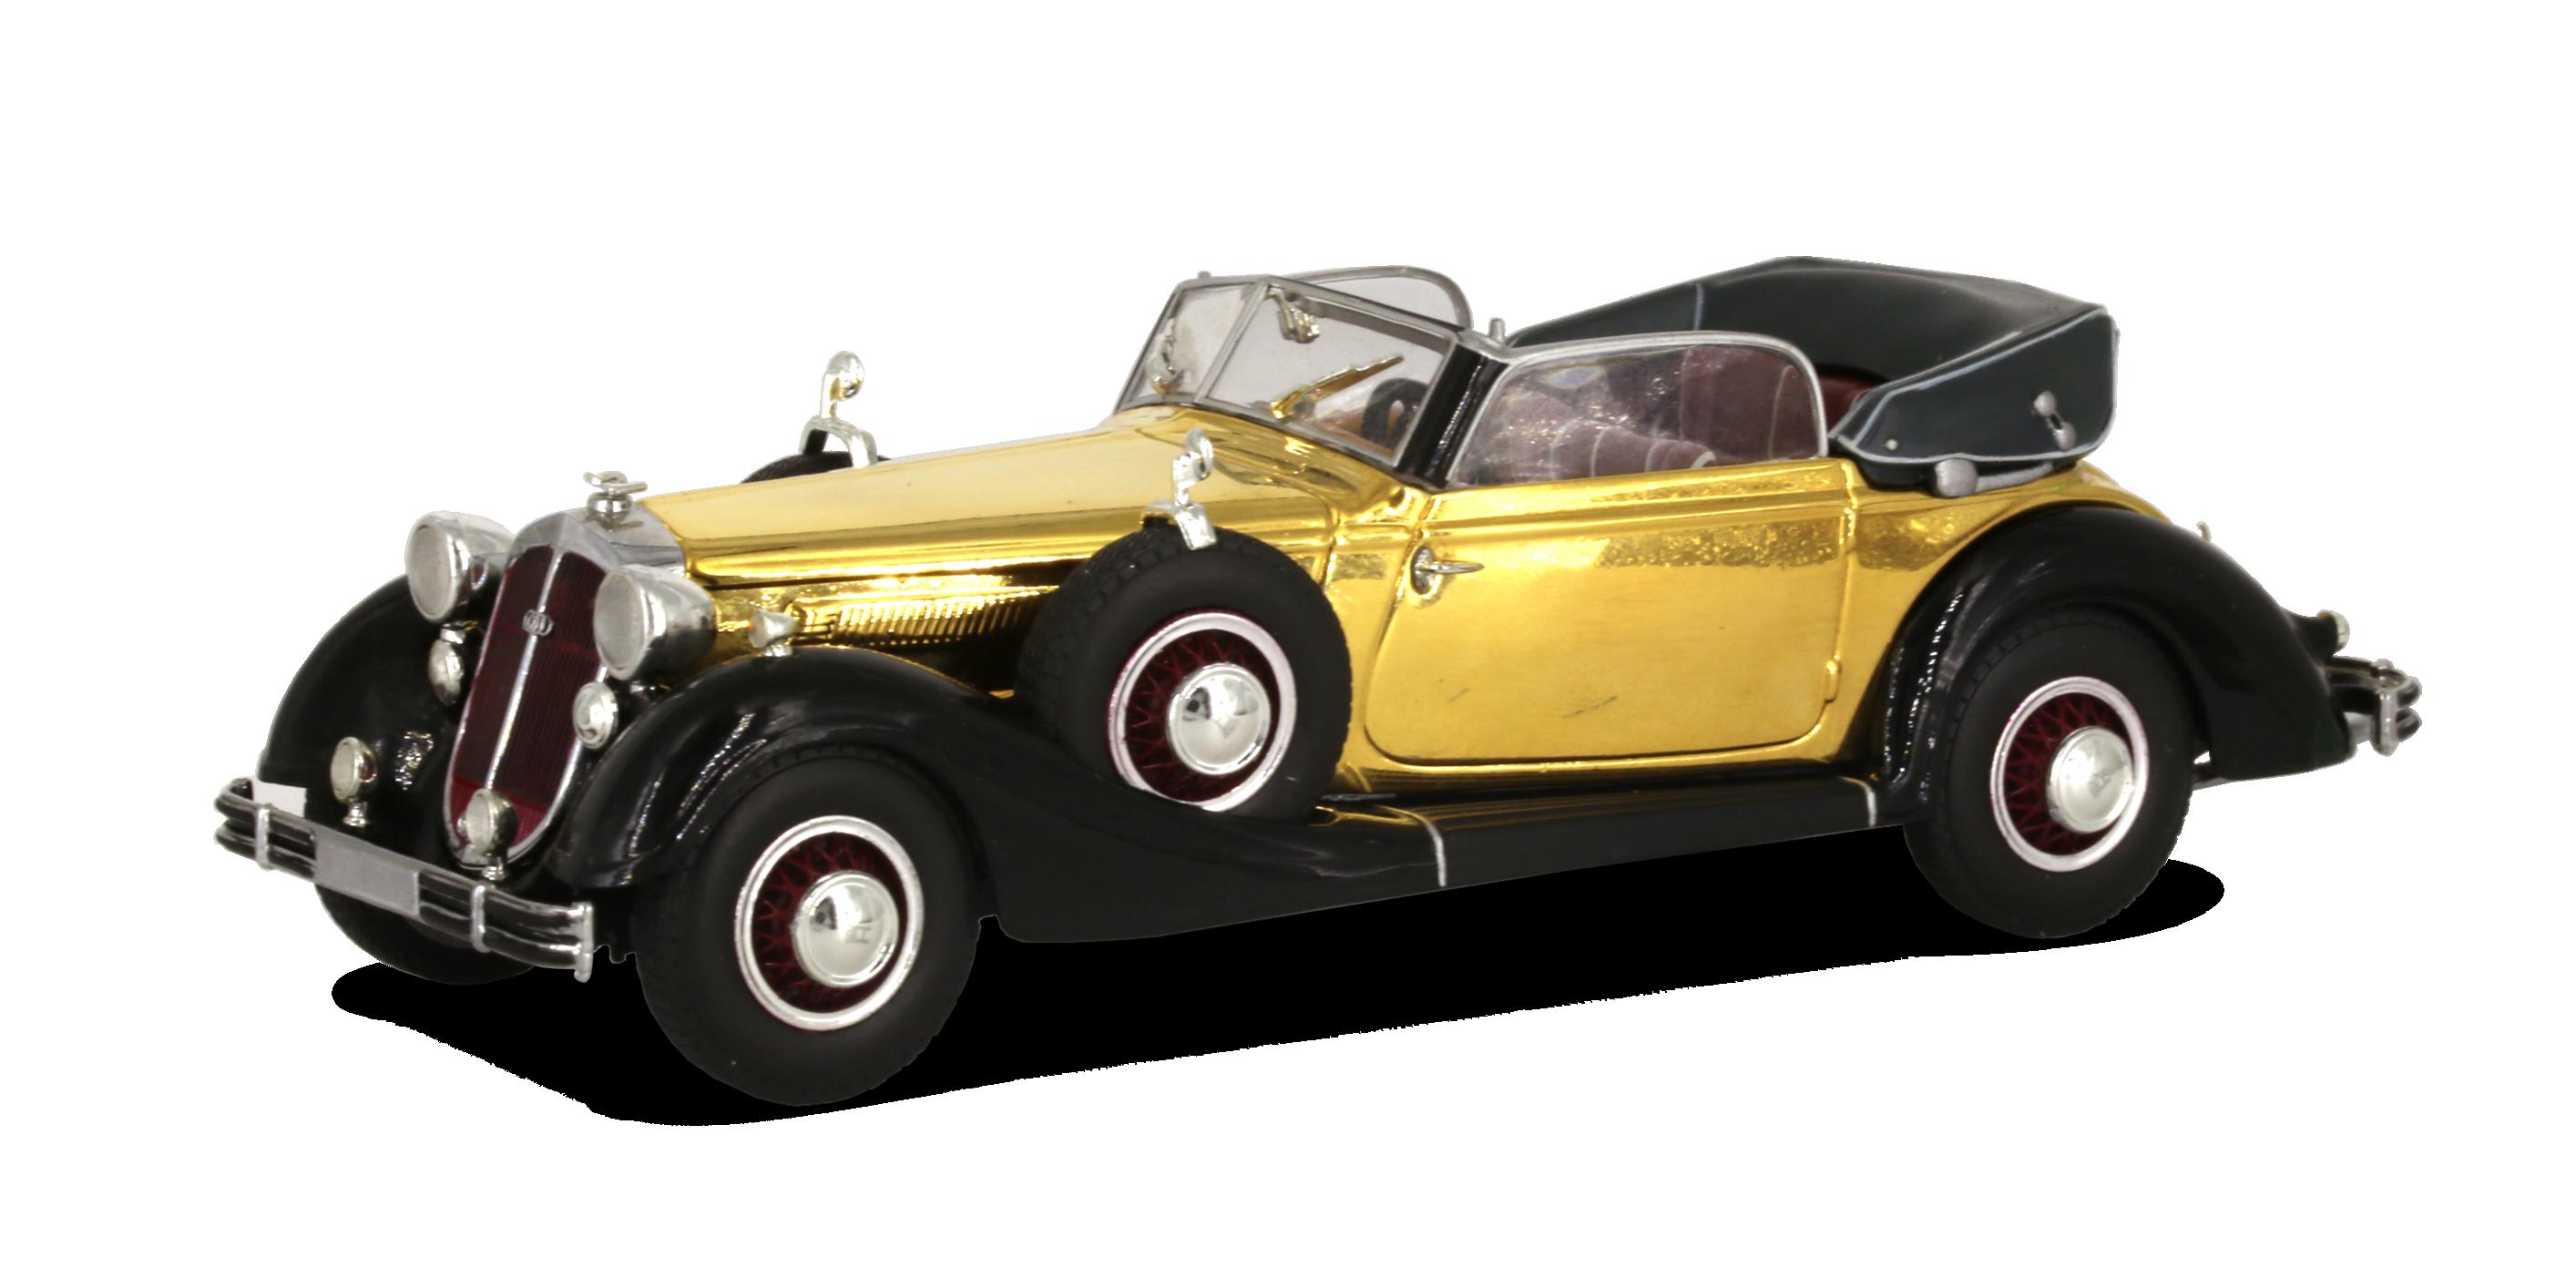 Horch 853 кабриолет